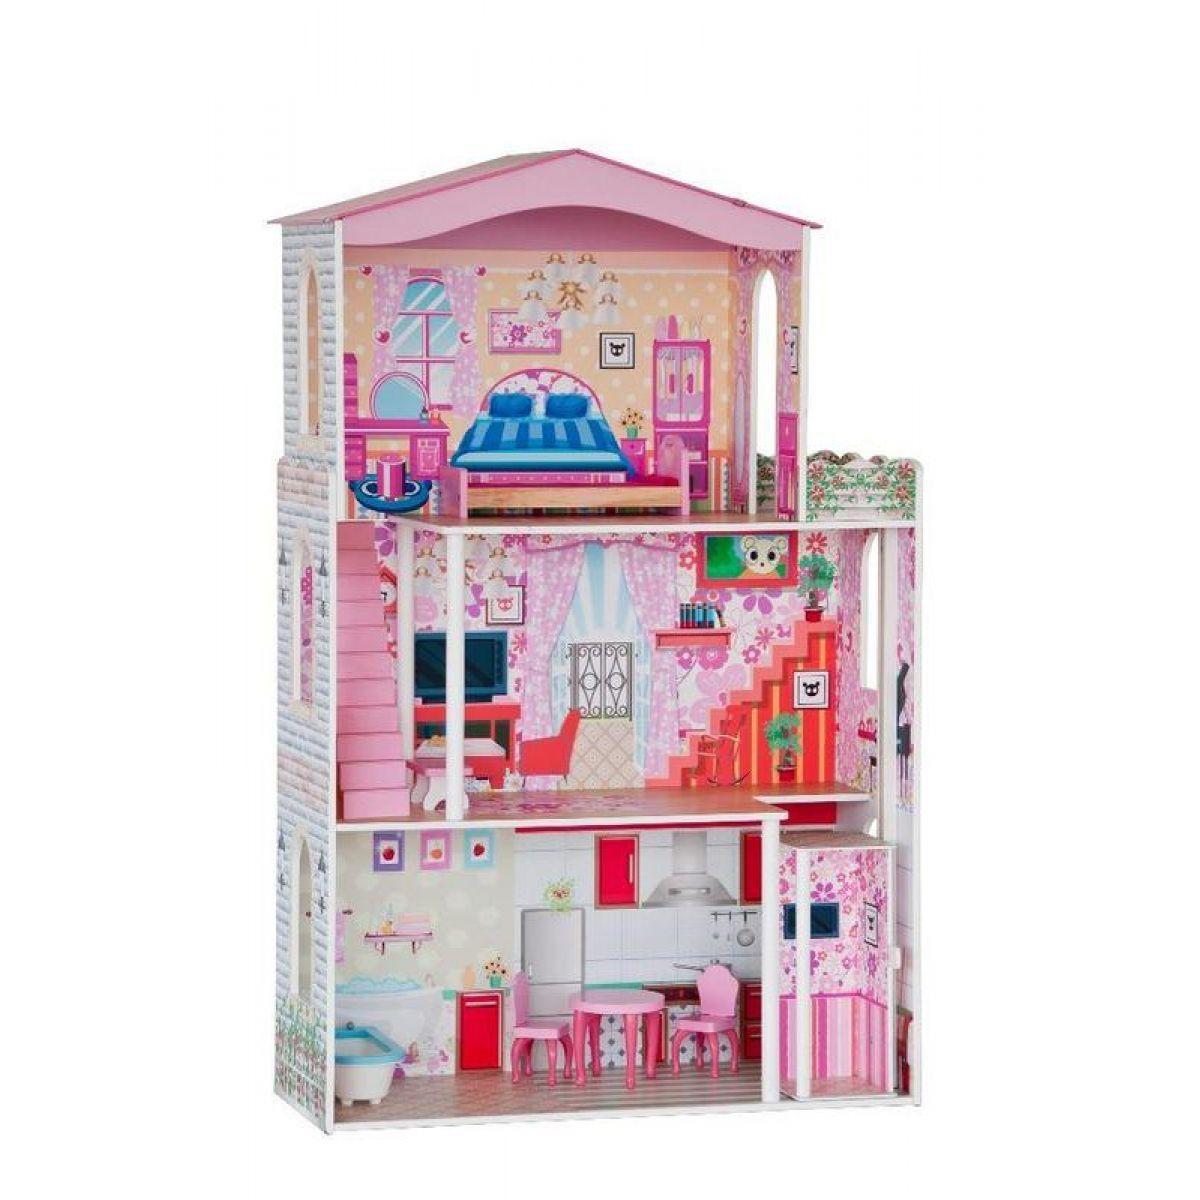 Woody dřevěný s výtahem velký pro panenky 7 ks nábytku barbie